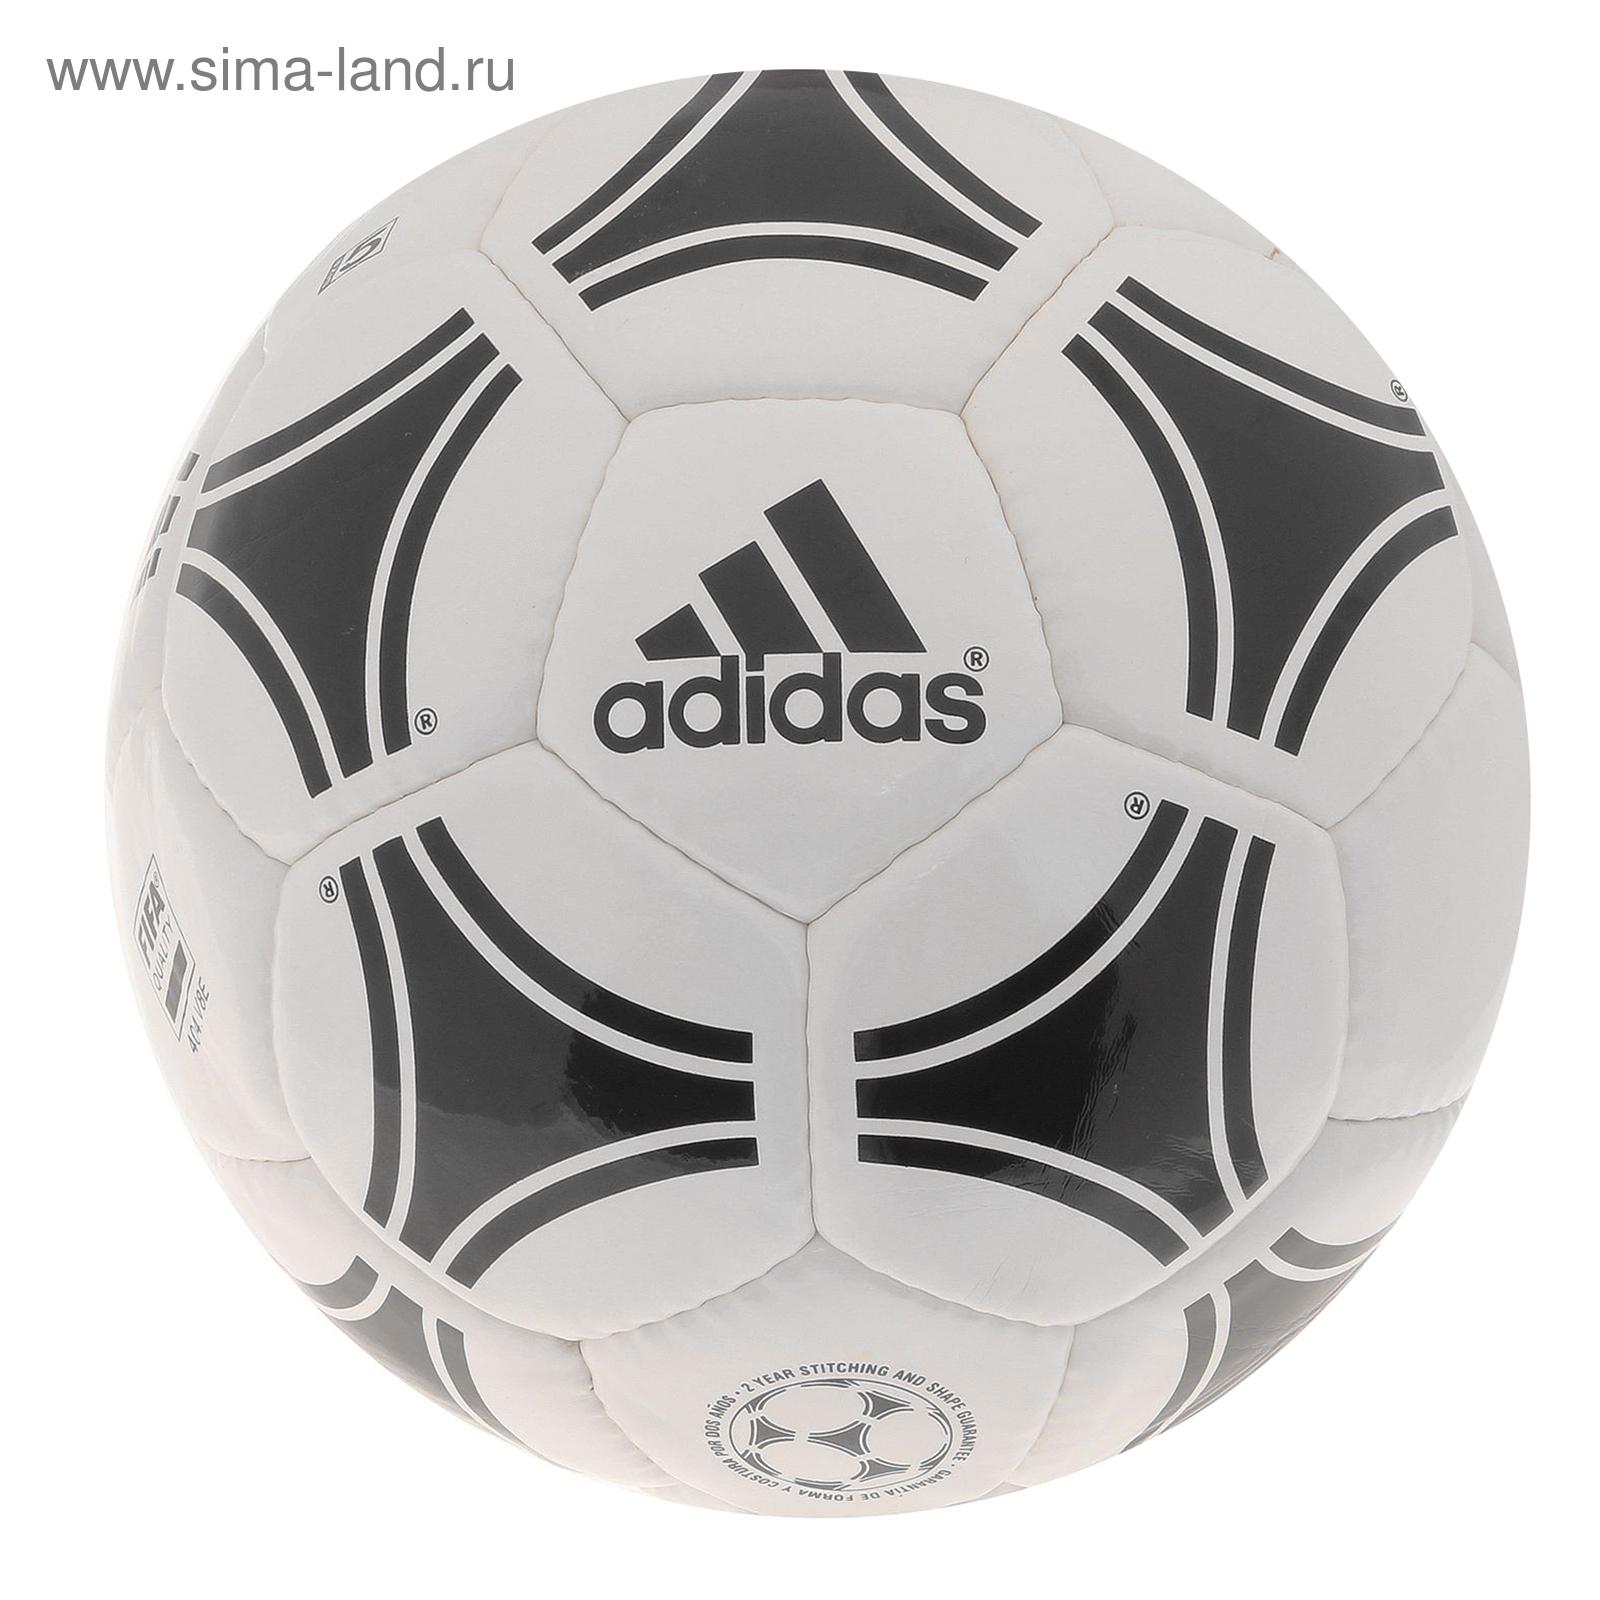 papa burbuja Aplicando  Мяч футбольный ADIDAS Tango Rosario, 656927, FIFA Insp, глянцевый, размер  5, PU, ручная сшивка (2404215) - Купить по цене от 2 357.00 руб.   Интернет  магазин SIMA-LAND.RU